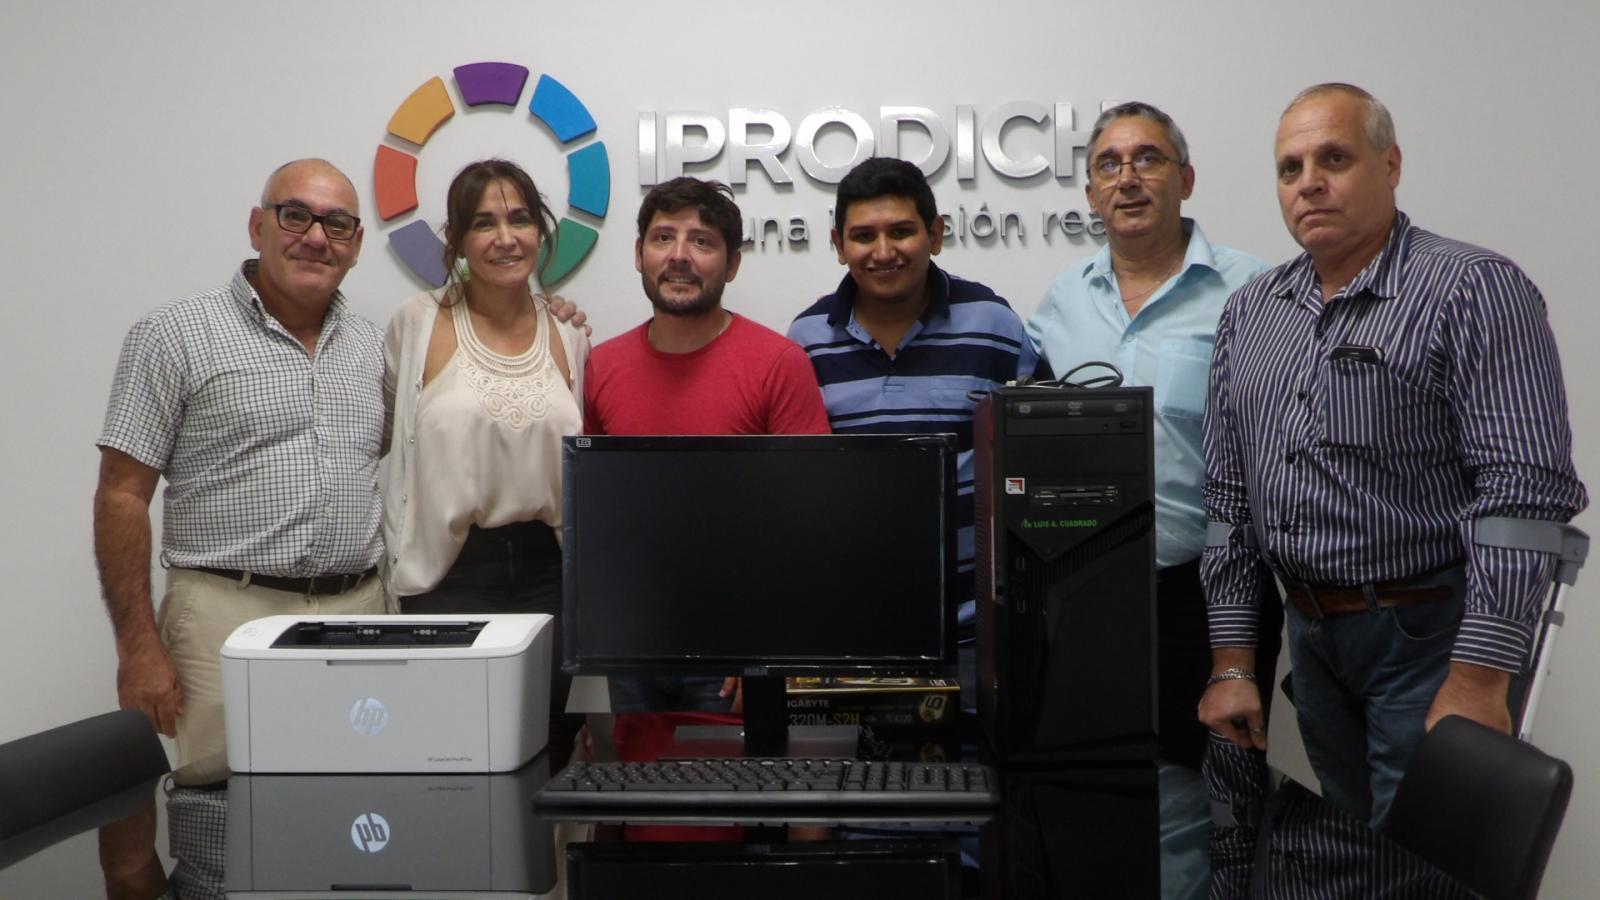 IPRODICH entregó herramientas informáticas a la Asociación de Sordos del Chaco